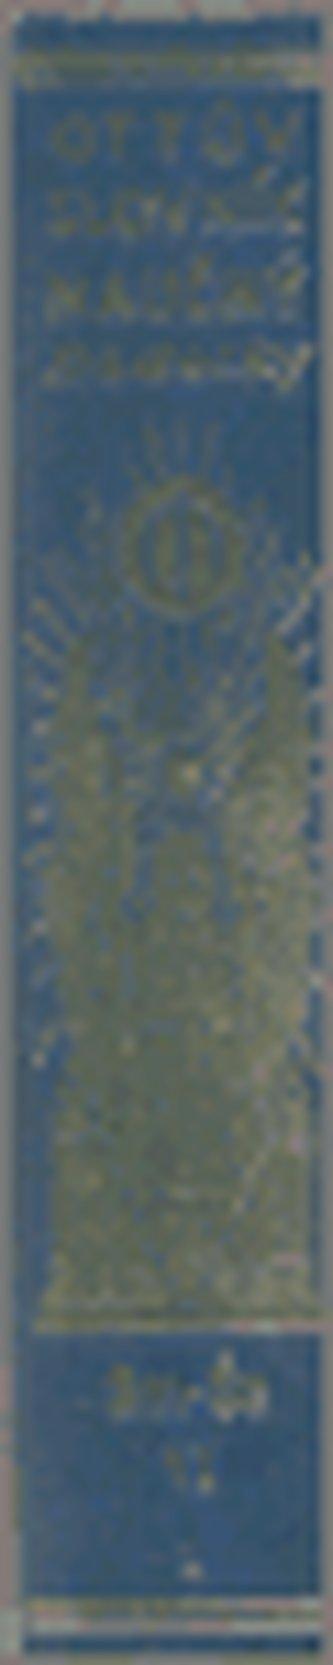 Ottův slovník naučný - Dodatky (11) VI/1